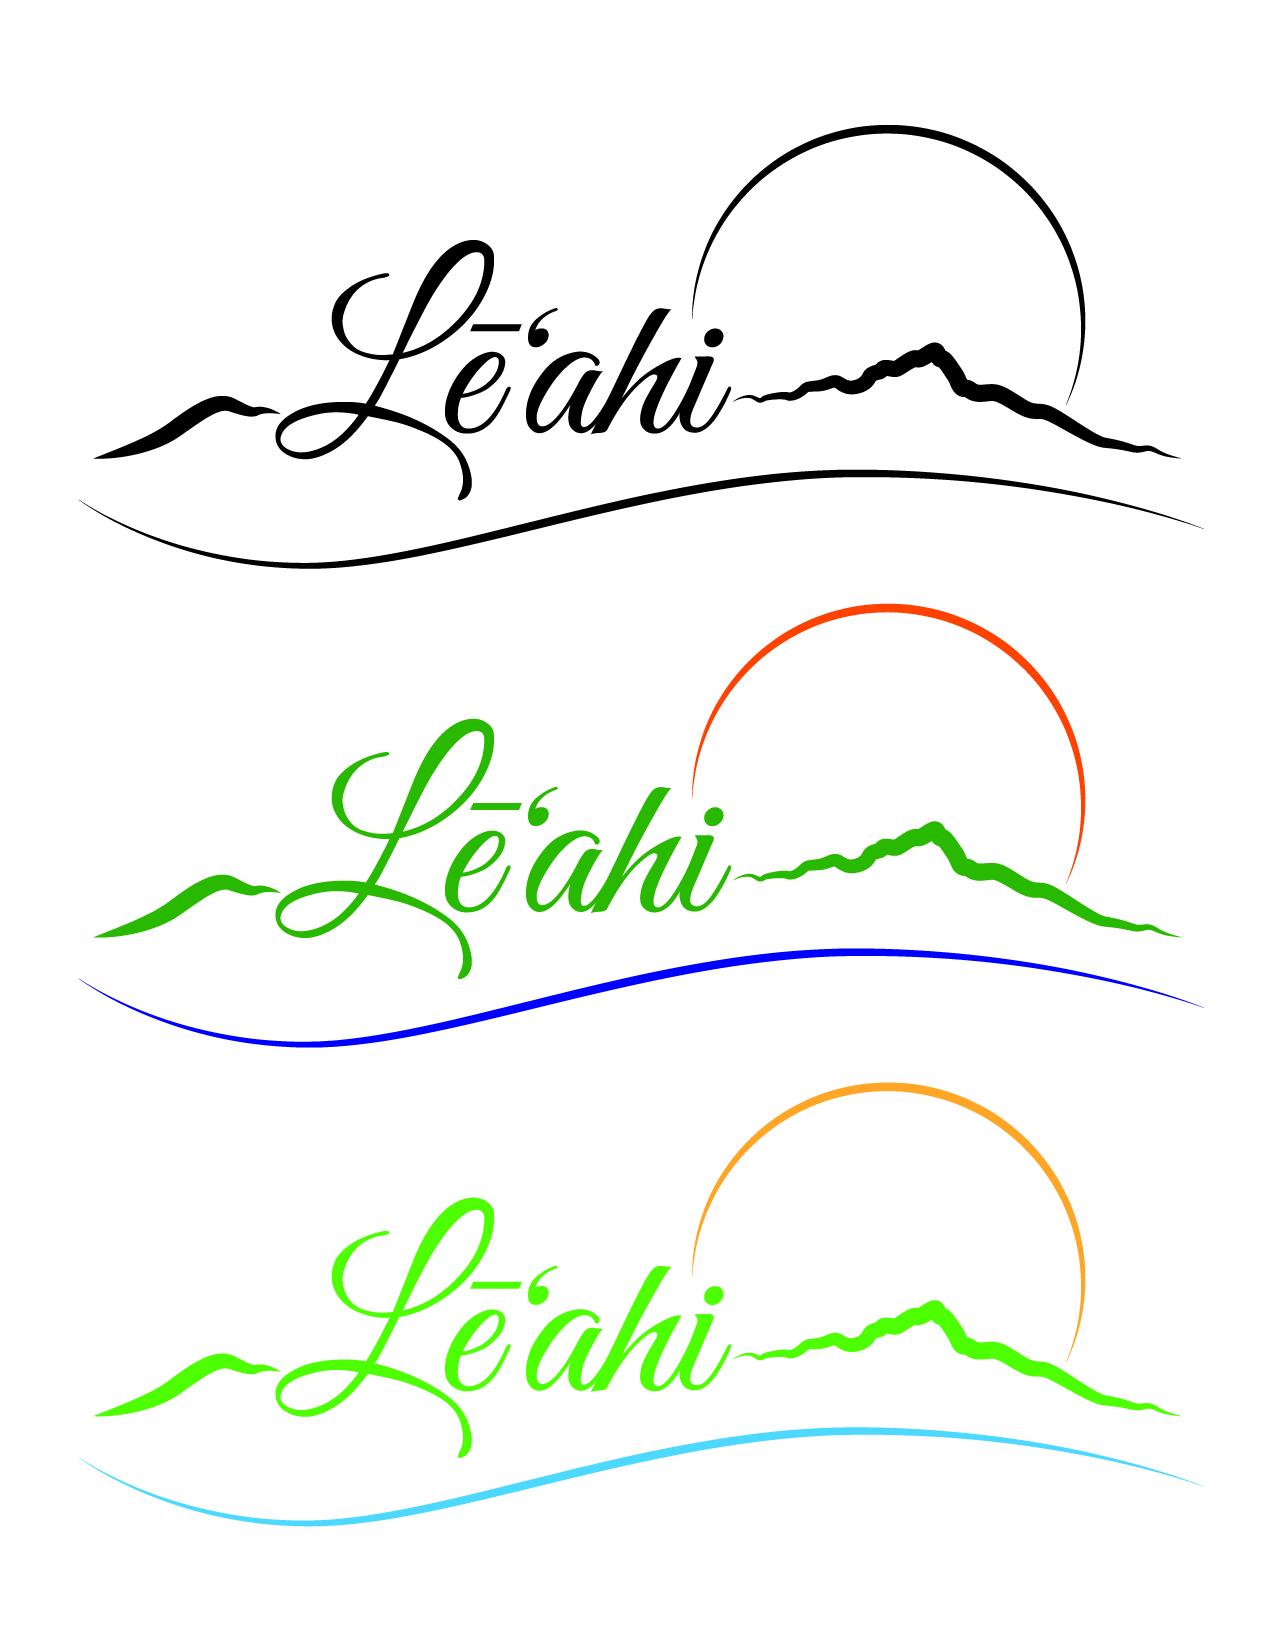 Leahi_vs3.jpg